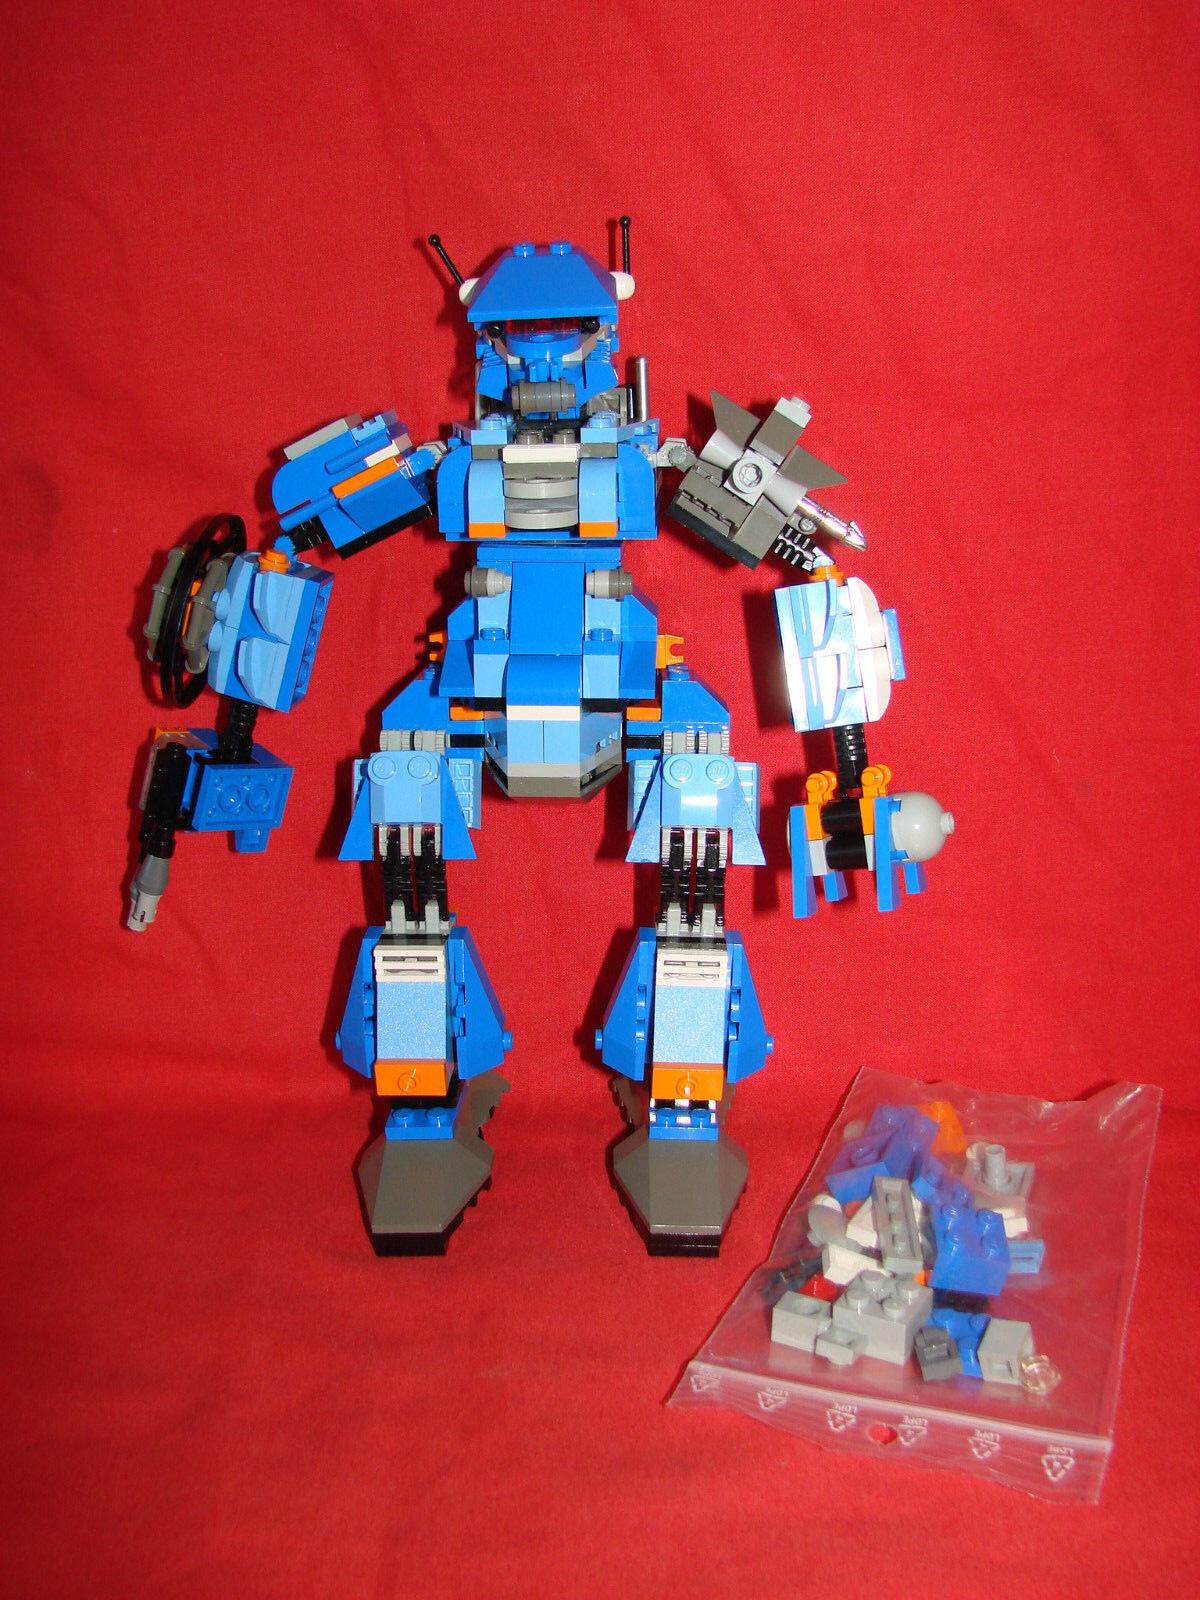 LEGO SYSTEME Ref 4099 ROBOBOTS DESIGNER   JOUET